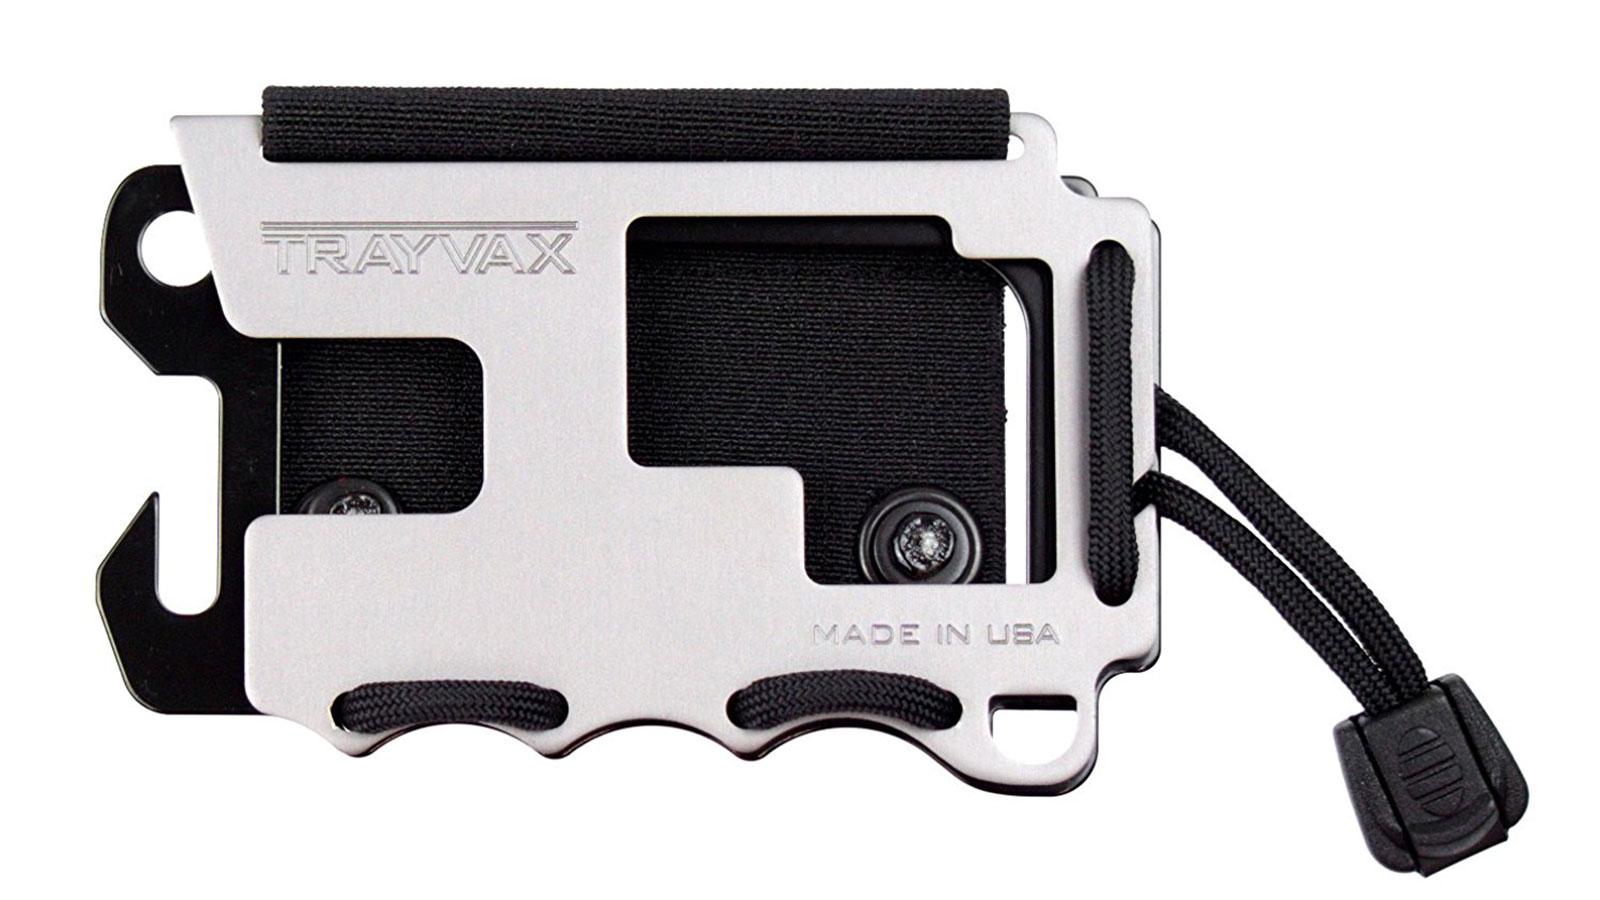 Trayvax Original Metal Wallet | best metal wallet